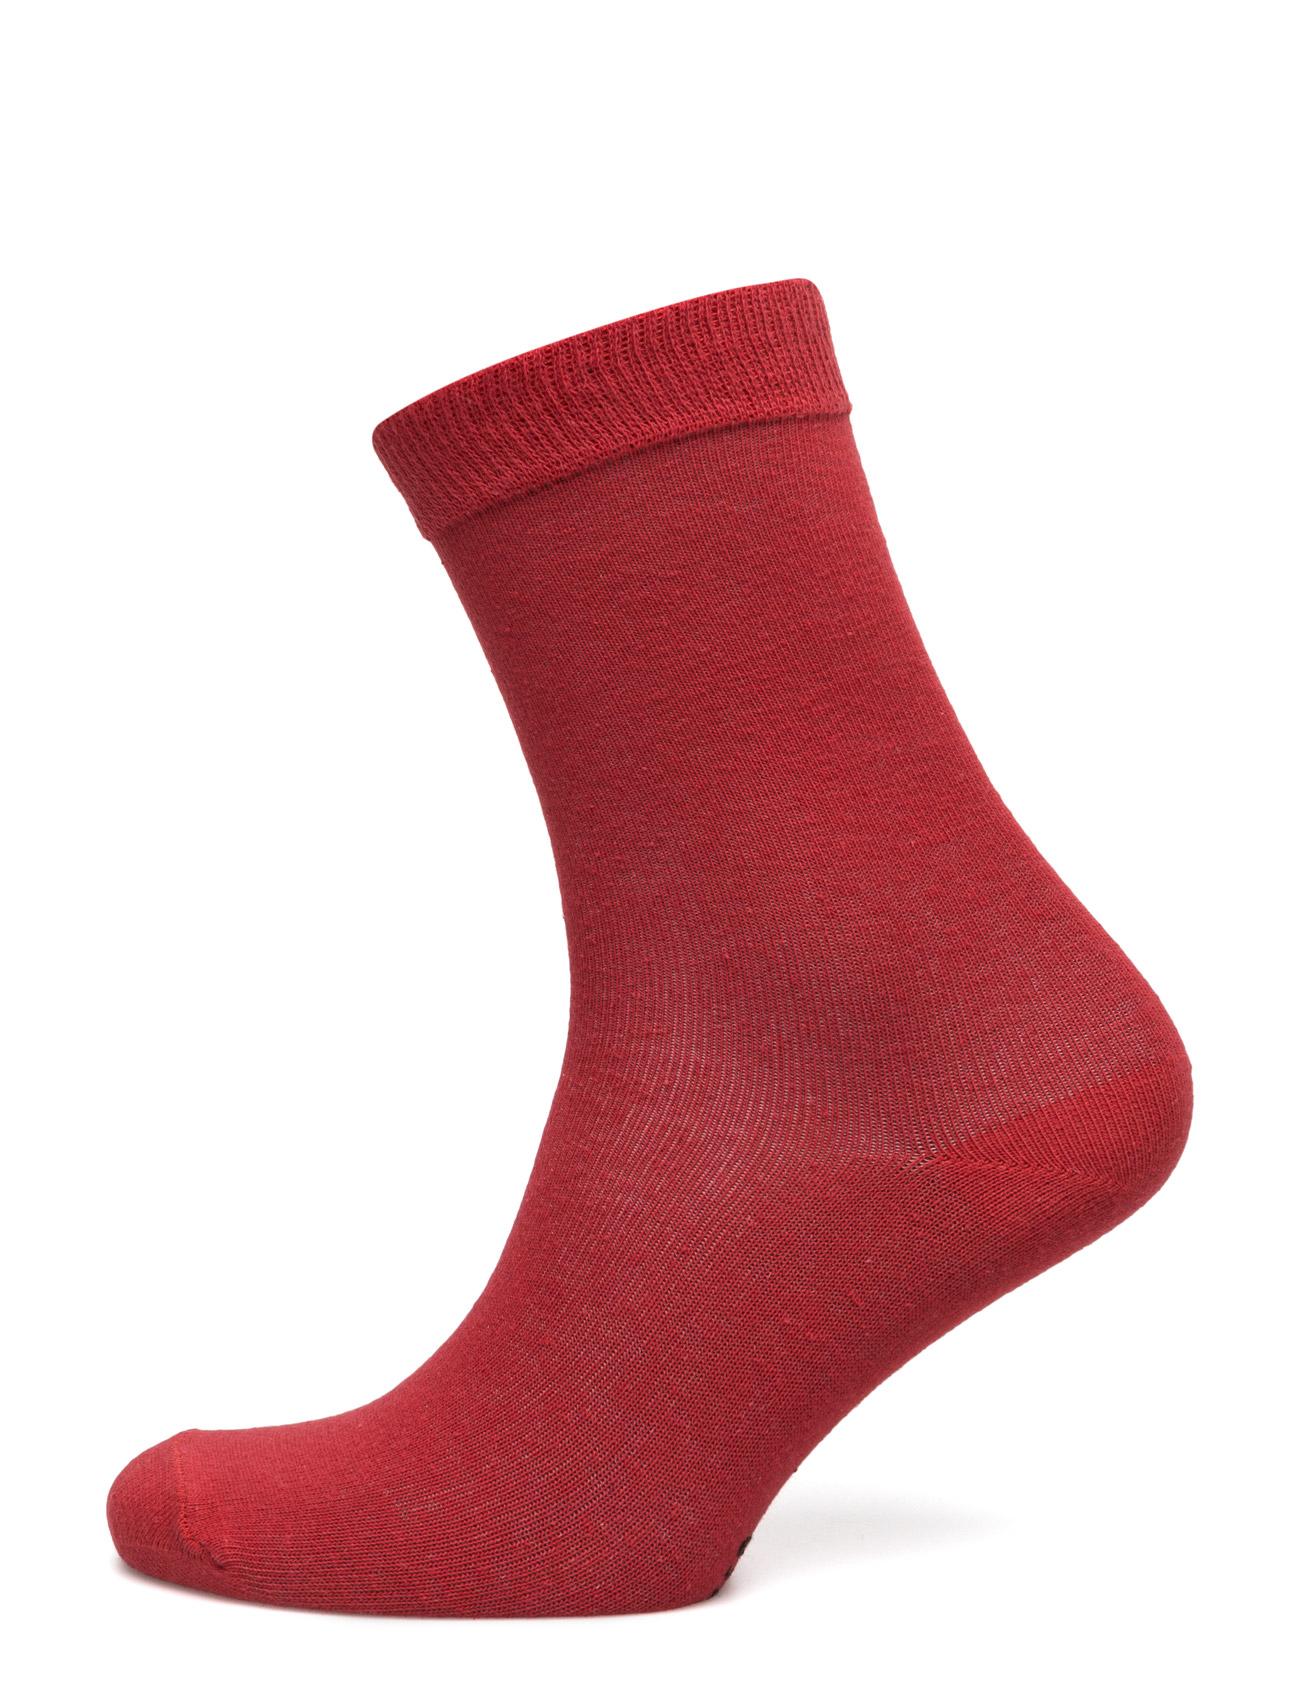 Ladies Sock Plain, Red TOPECO Strømpebukser til Kvinder i Rød